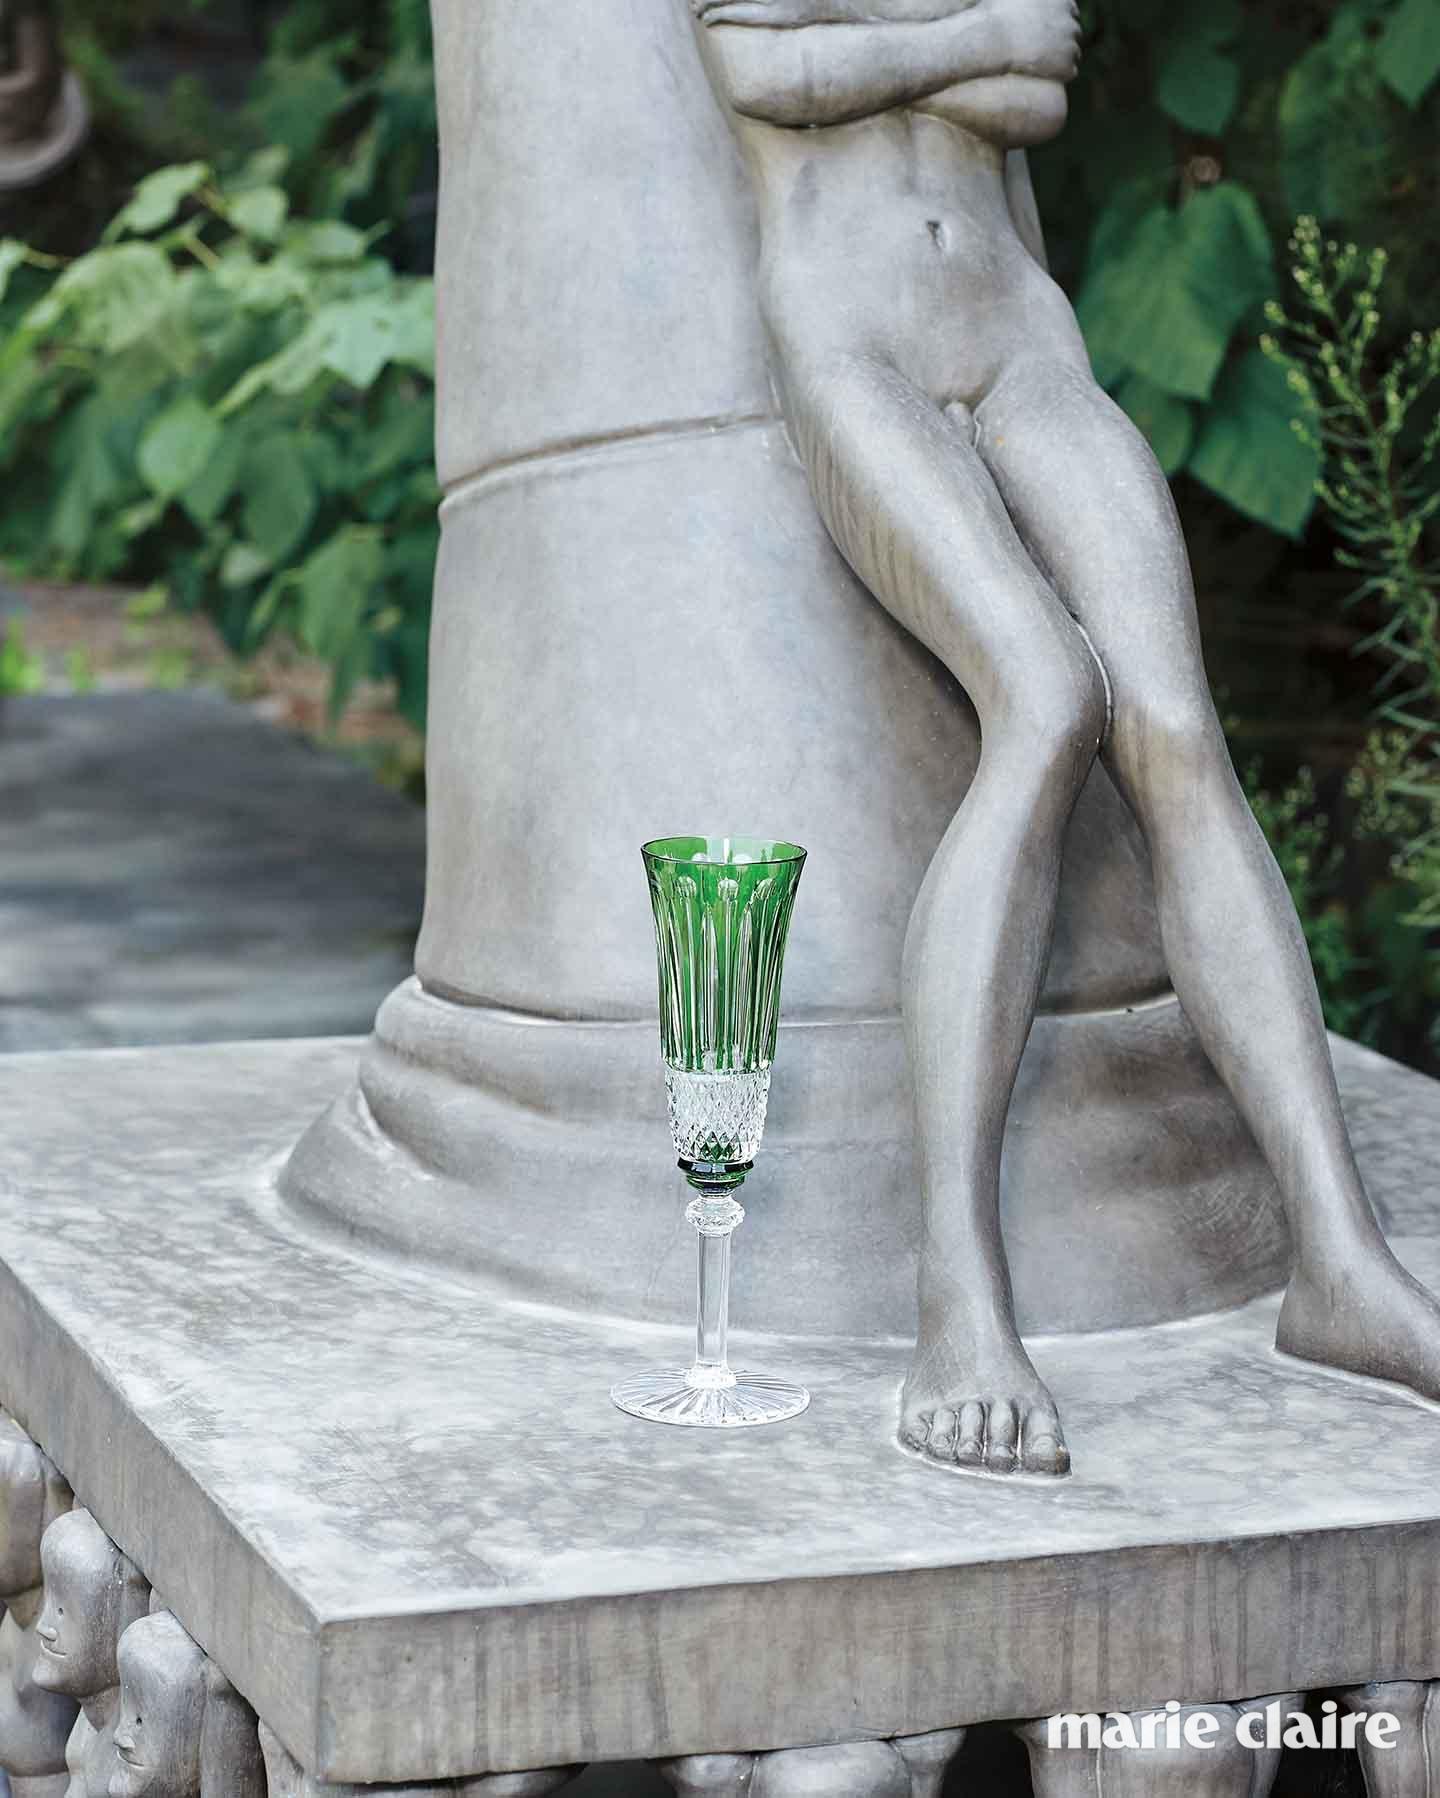 영롱한 풀색 글라스 가격 미정 에르메스(Hermes).